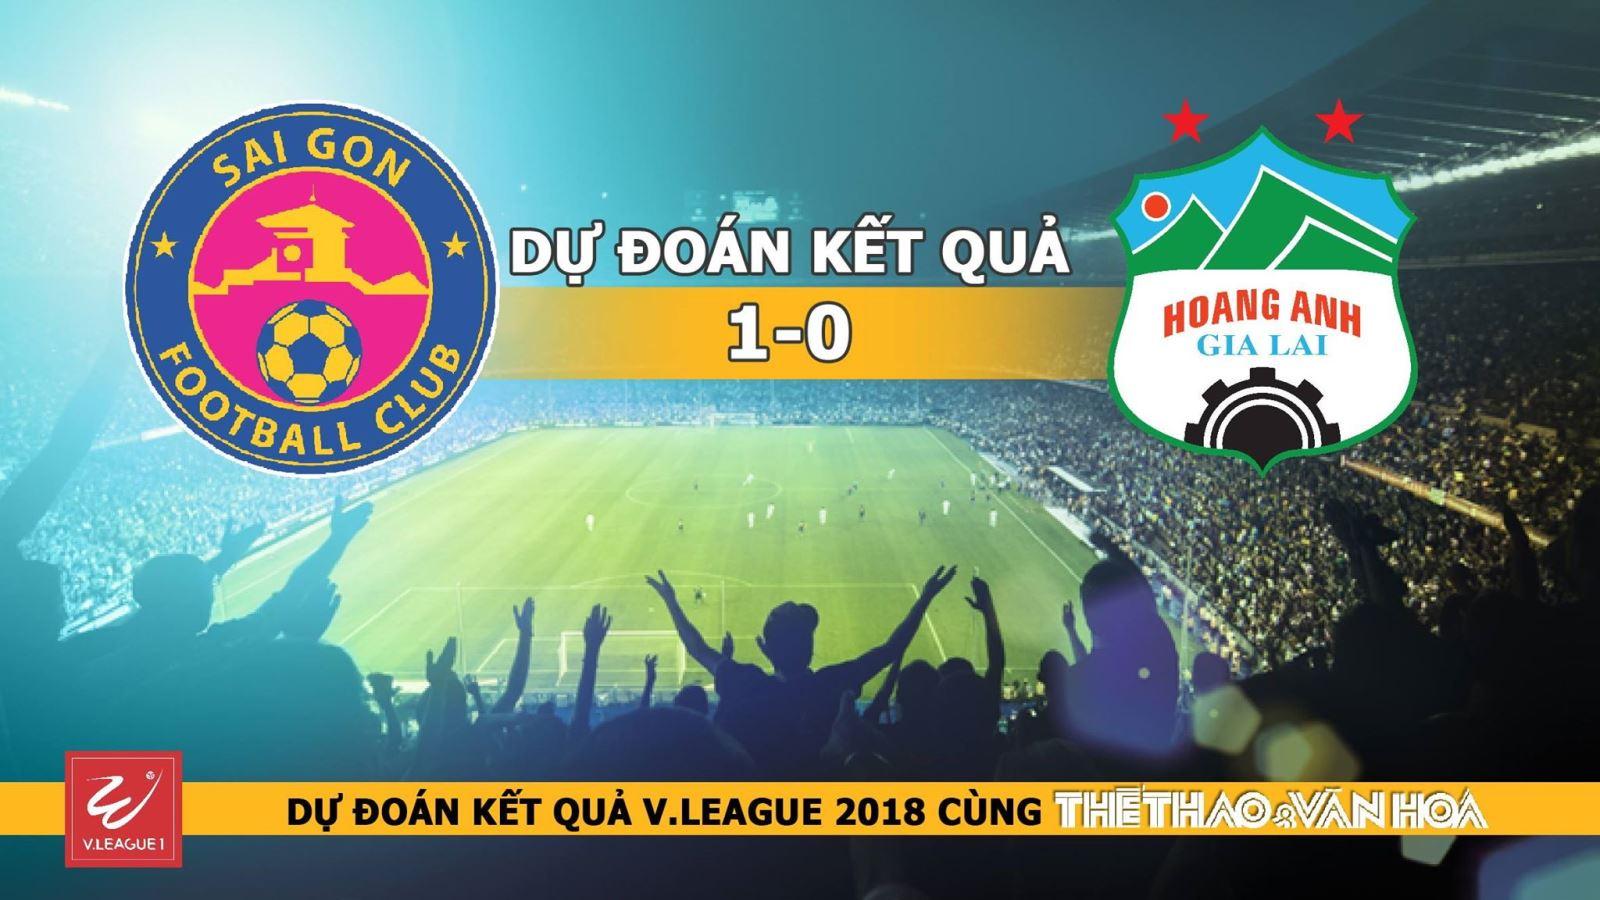 Dự đoán có thưởng vòng 5 V-League: Trận Sài Gòn - HAGL